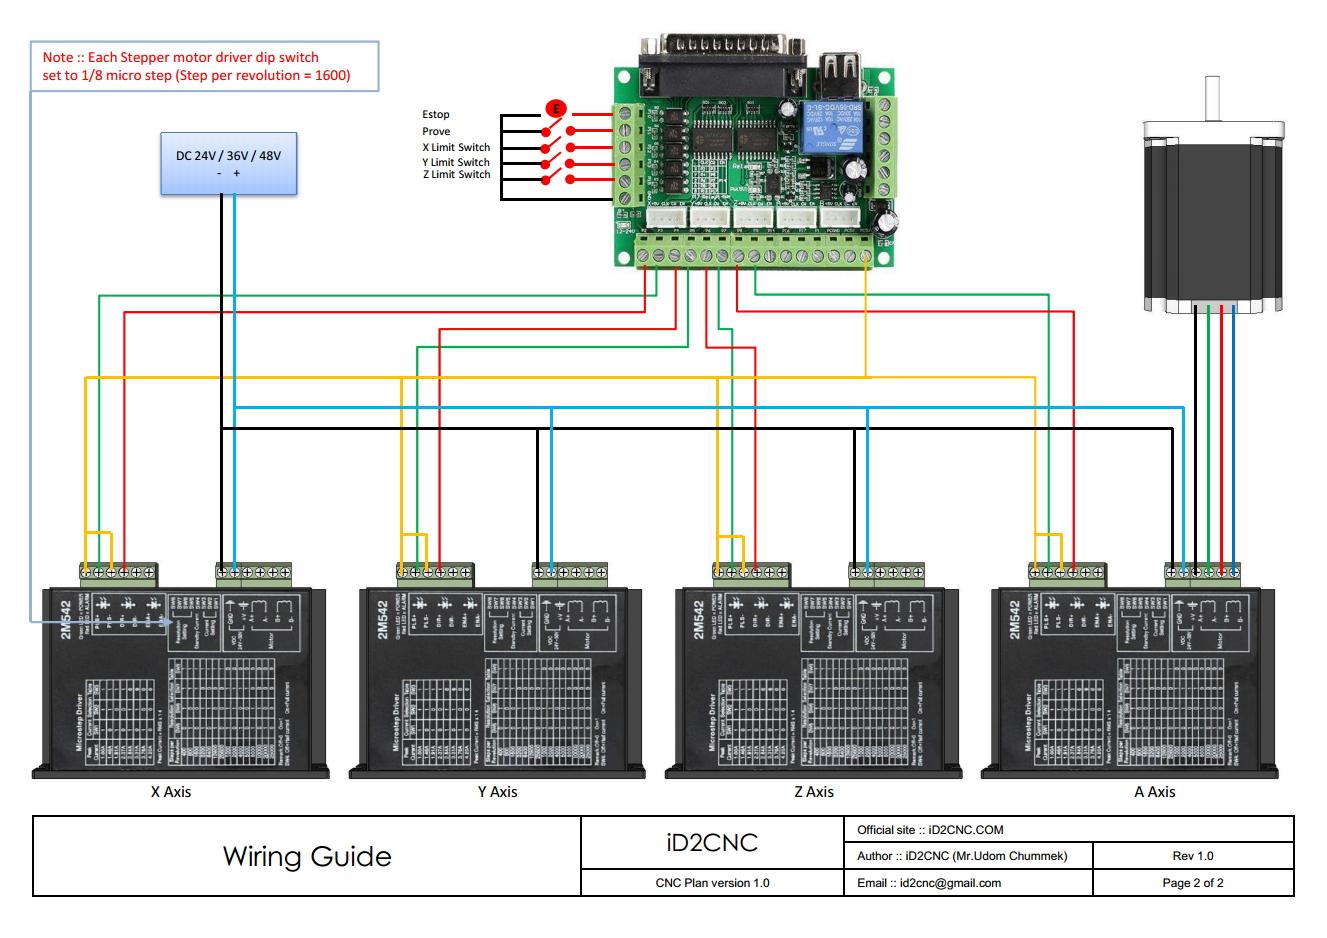 db25 1205 wiring diagram voip wiring